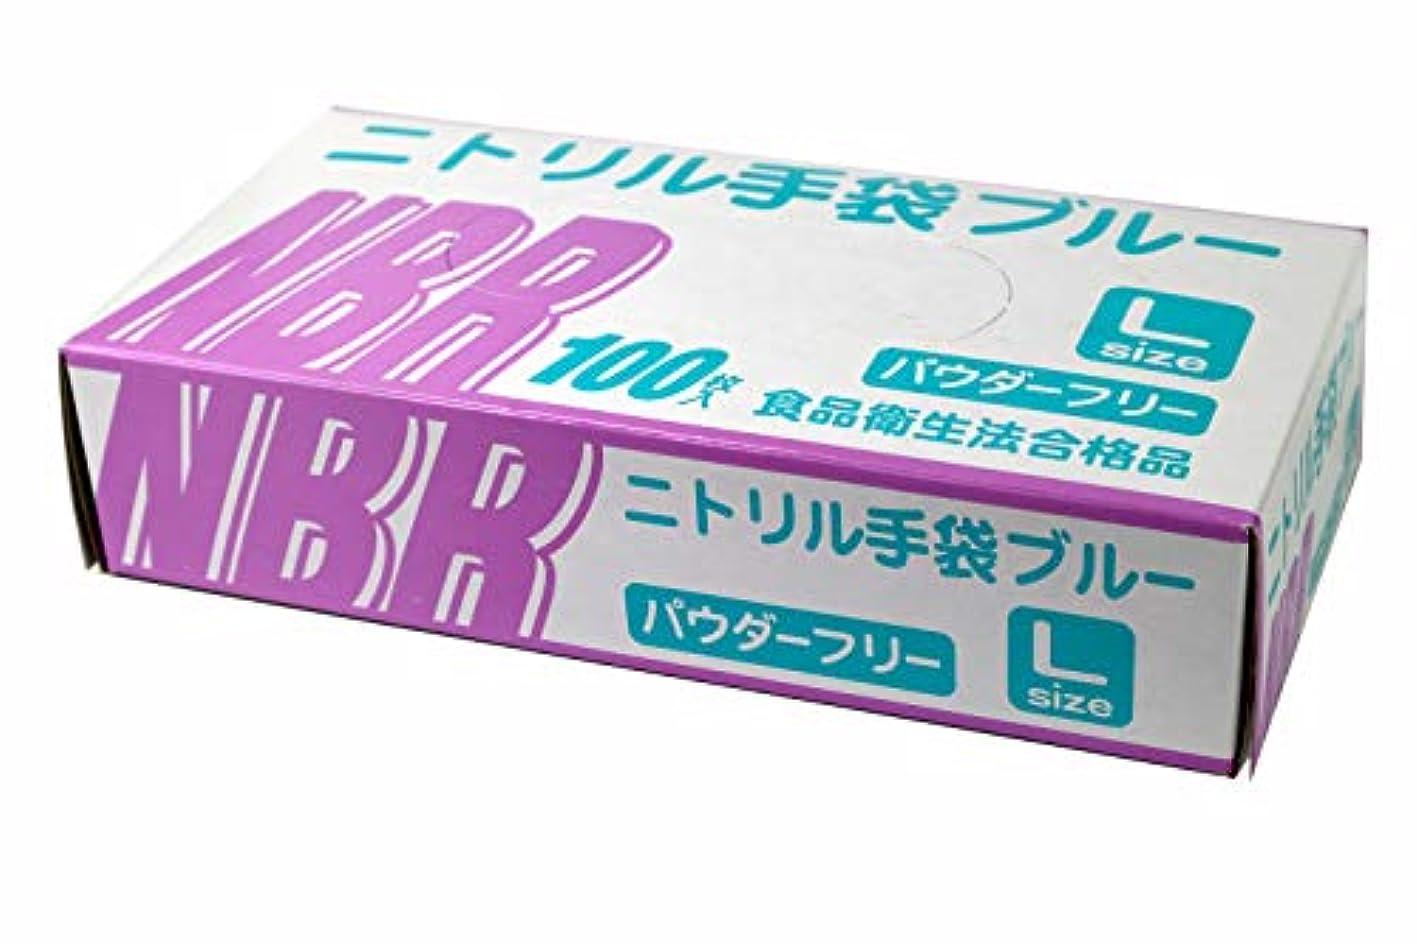 エスカレーター不適当意見使い捨て手袋 ニトリルグローブ ブルー 食品衛生法合格品 粉なし(パウダーフリー) 100枚入 Lサイズ 超薄手 100541